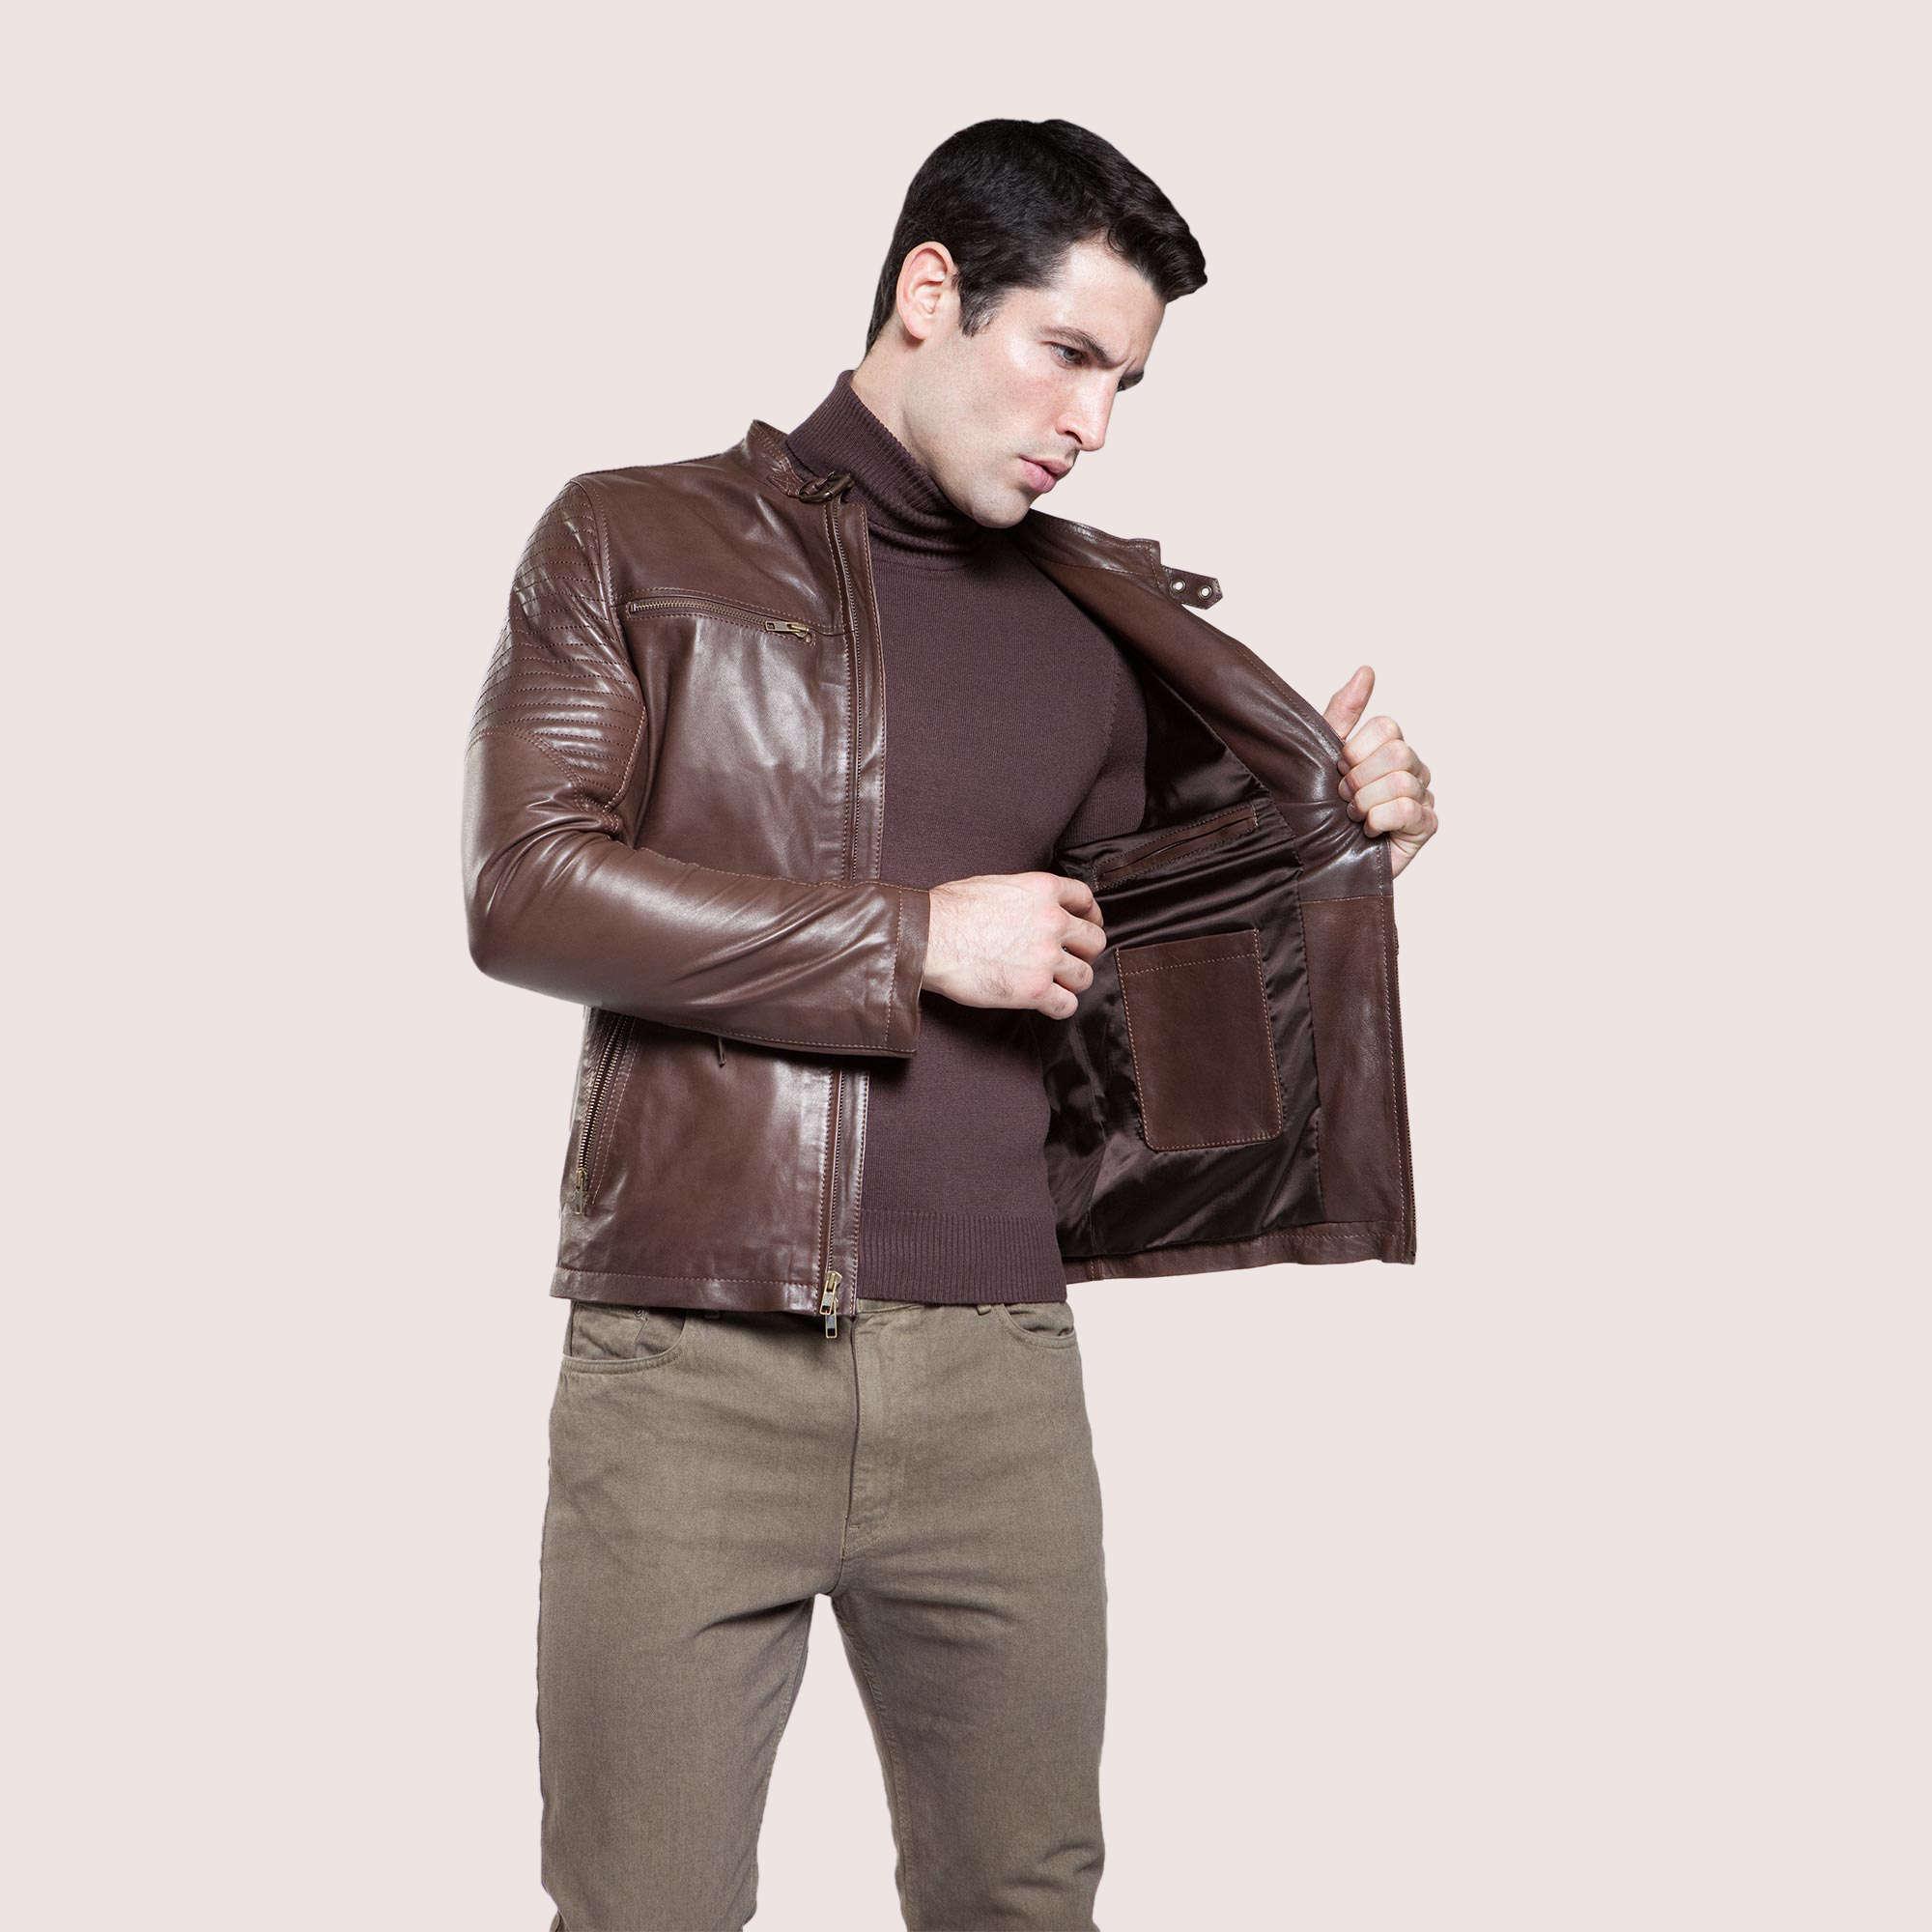 Malibu Leather Jacket